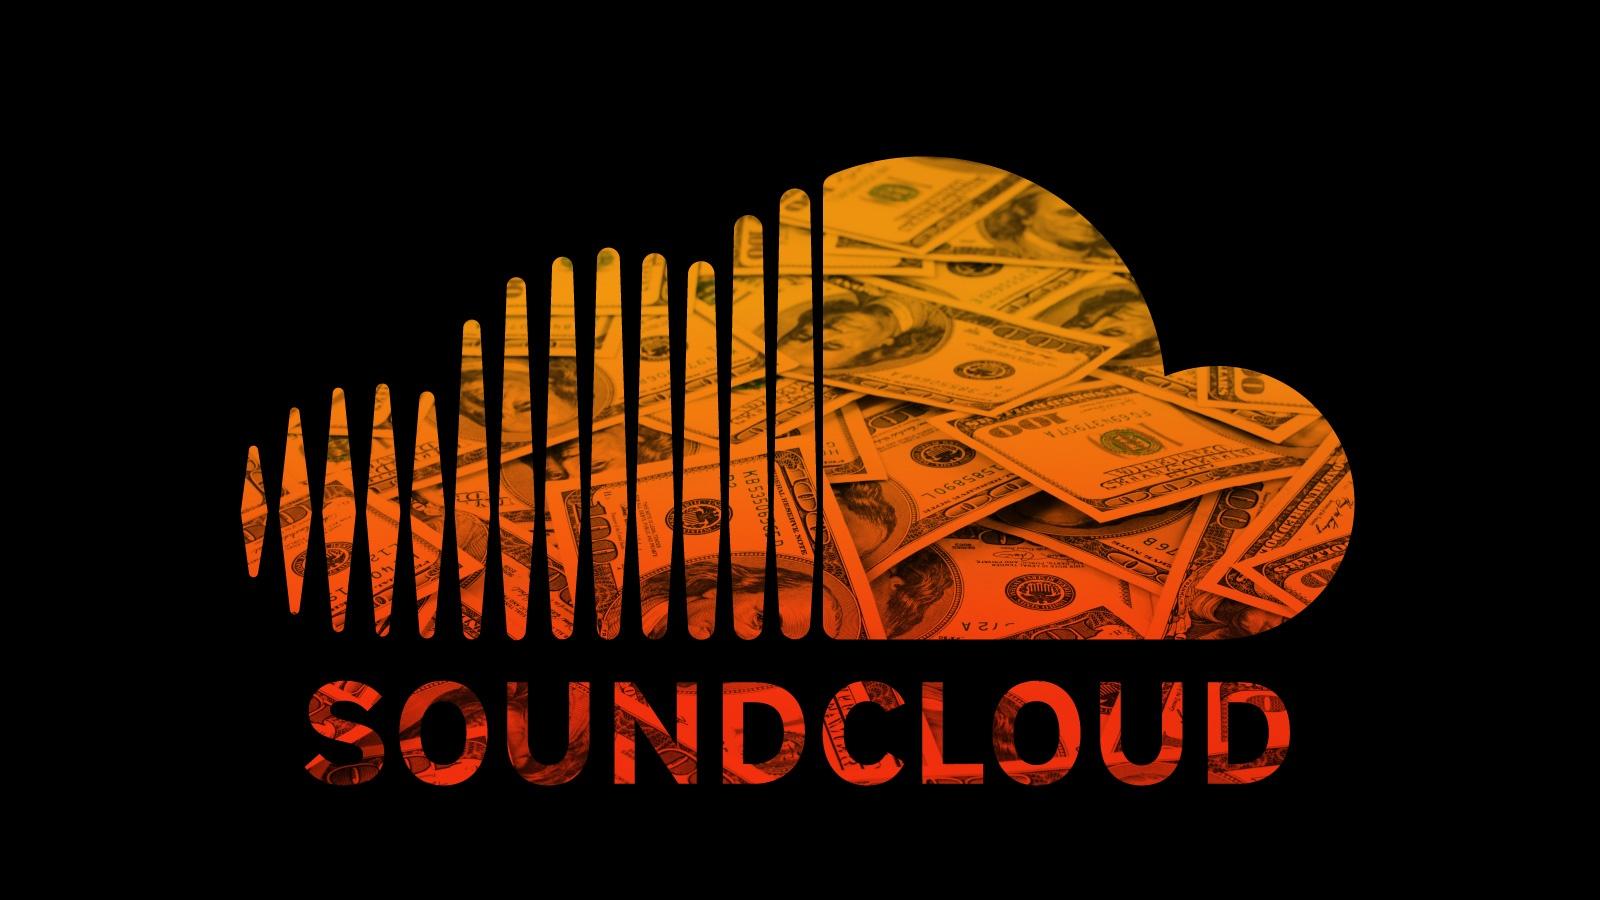 SoundCloud под угрозой закрытия, добровольцы собираются создать архивную копию всех файлов сервиса - 1